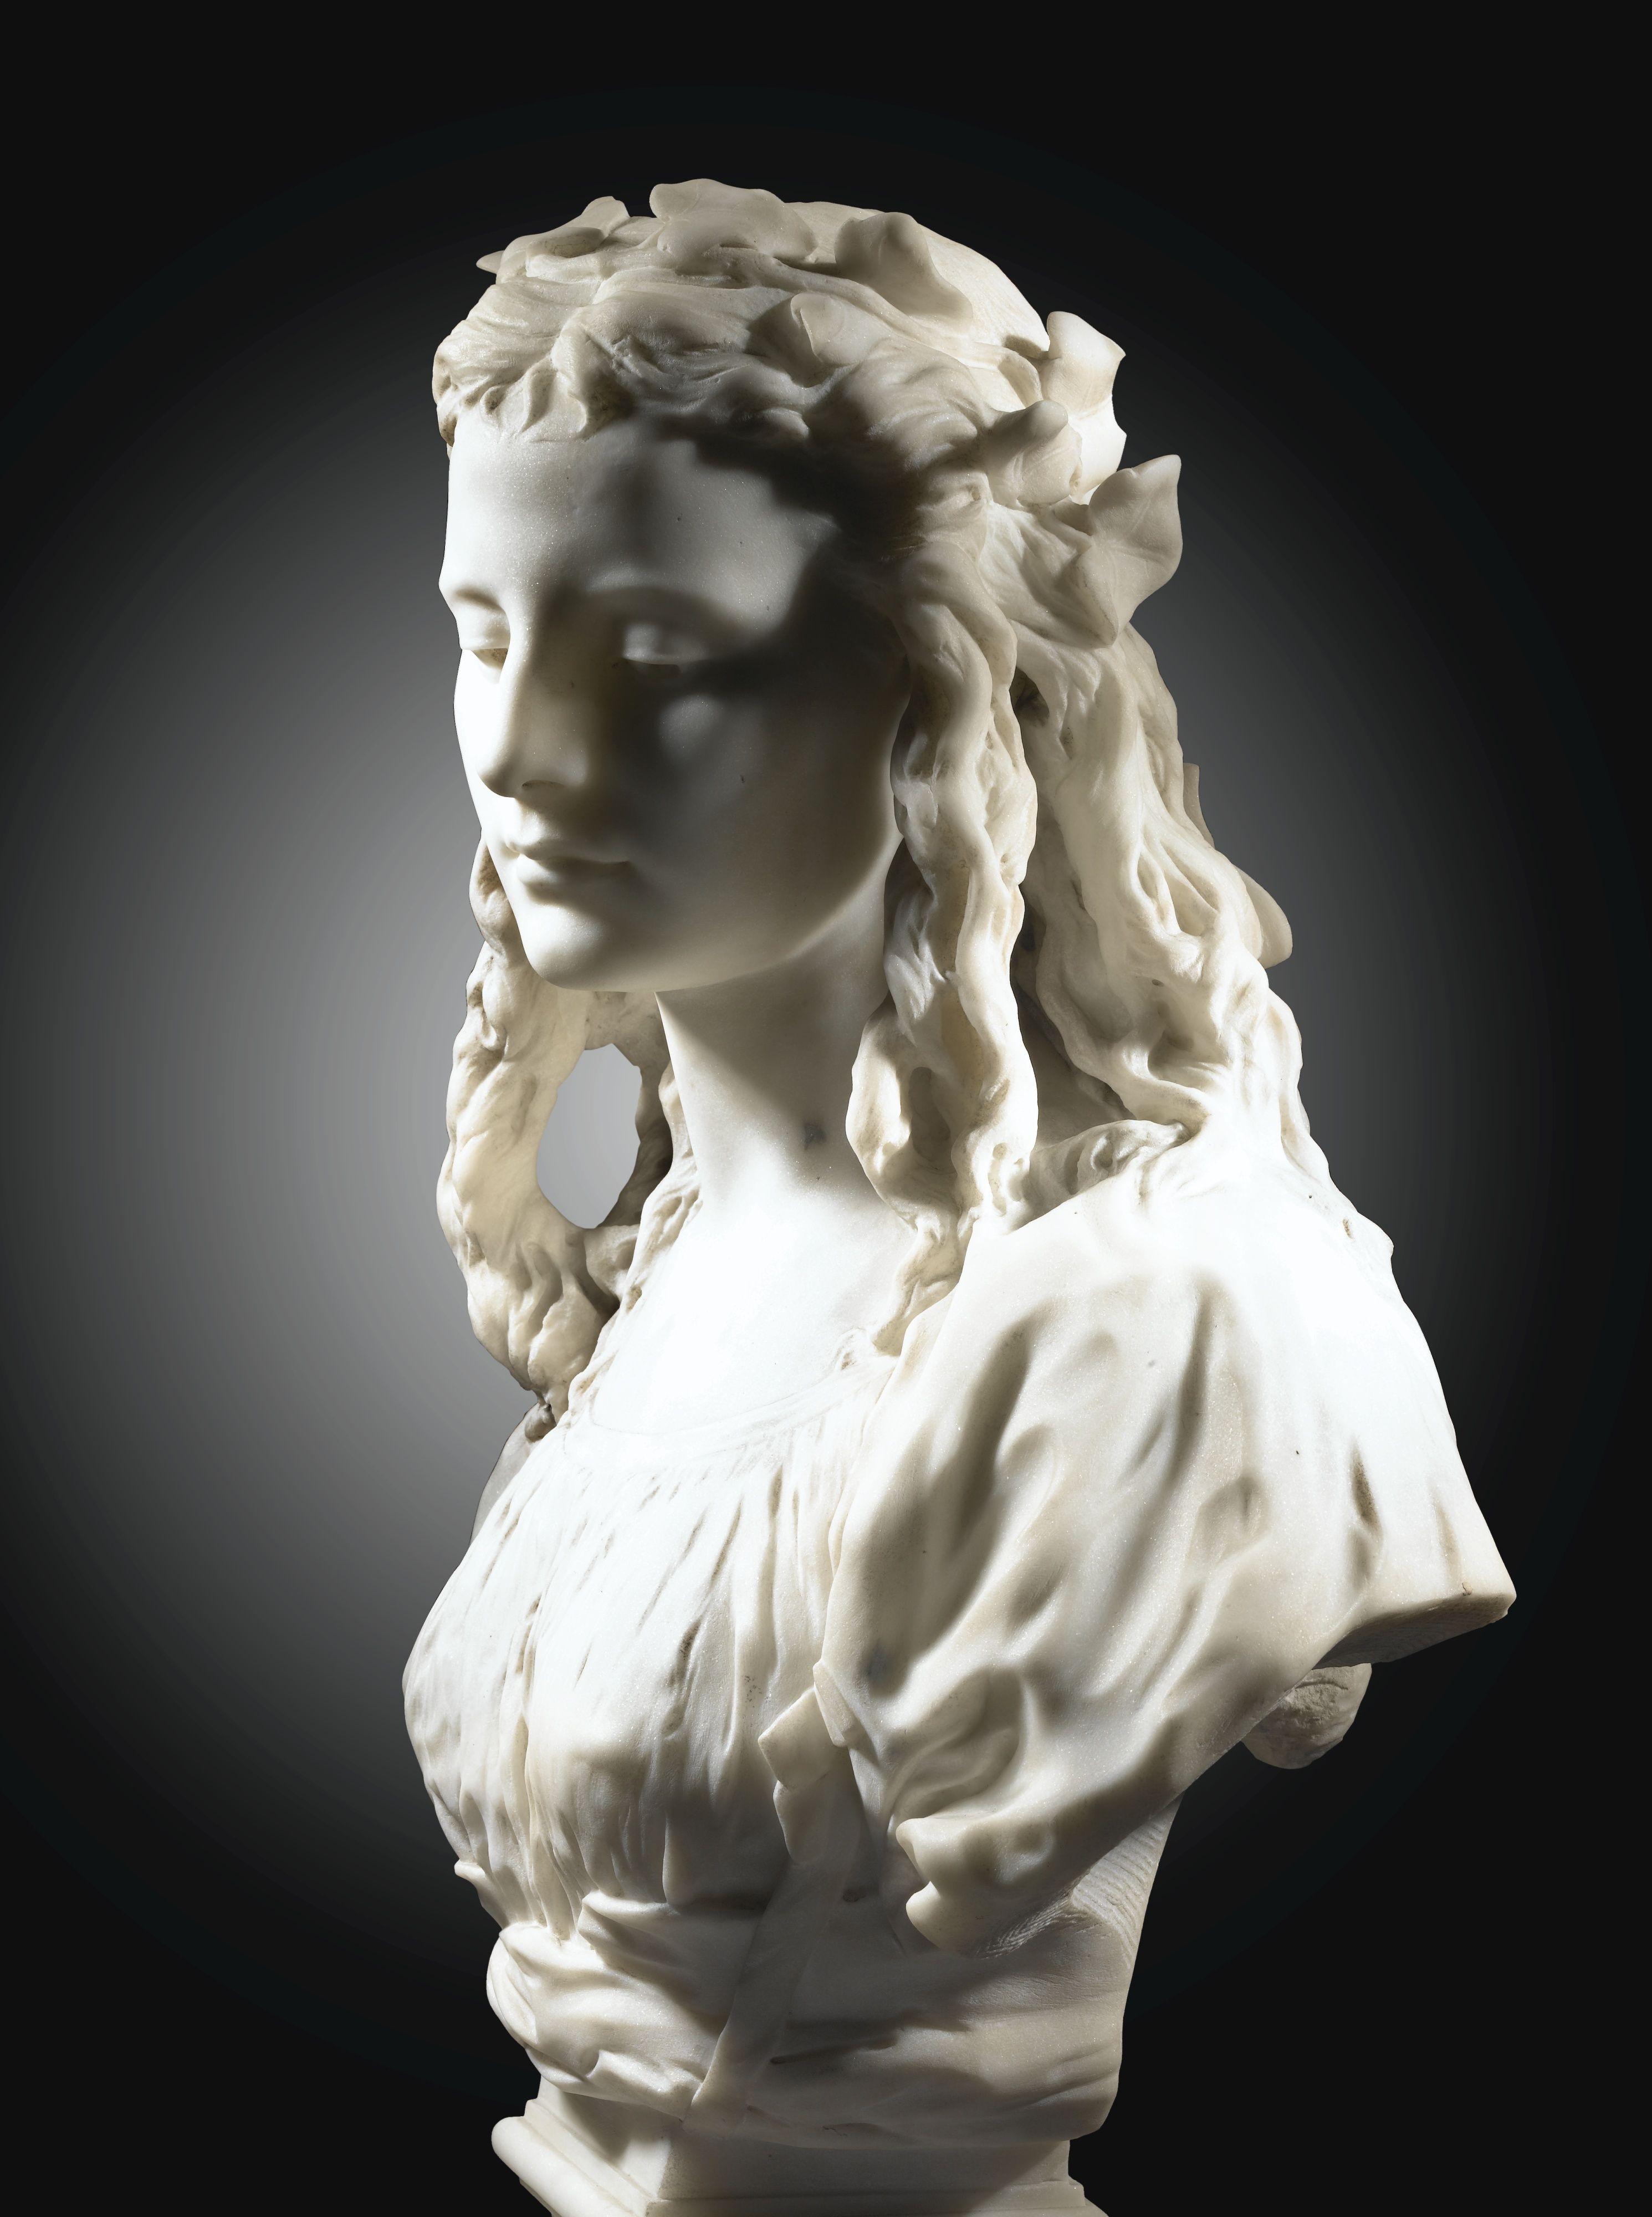 Jean Baptiste Carpeaux Lot Portrait Sculpture Sculpture Art Bust Sculpture